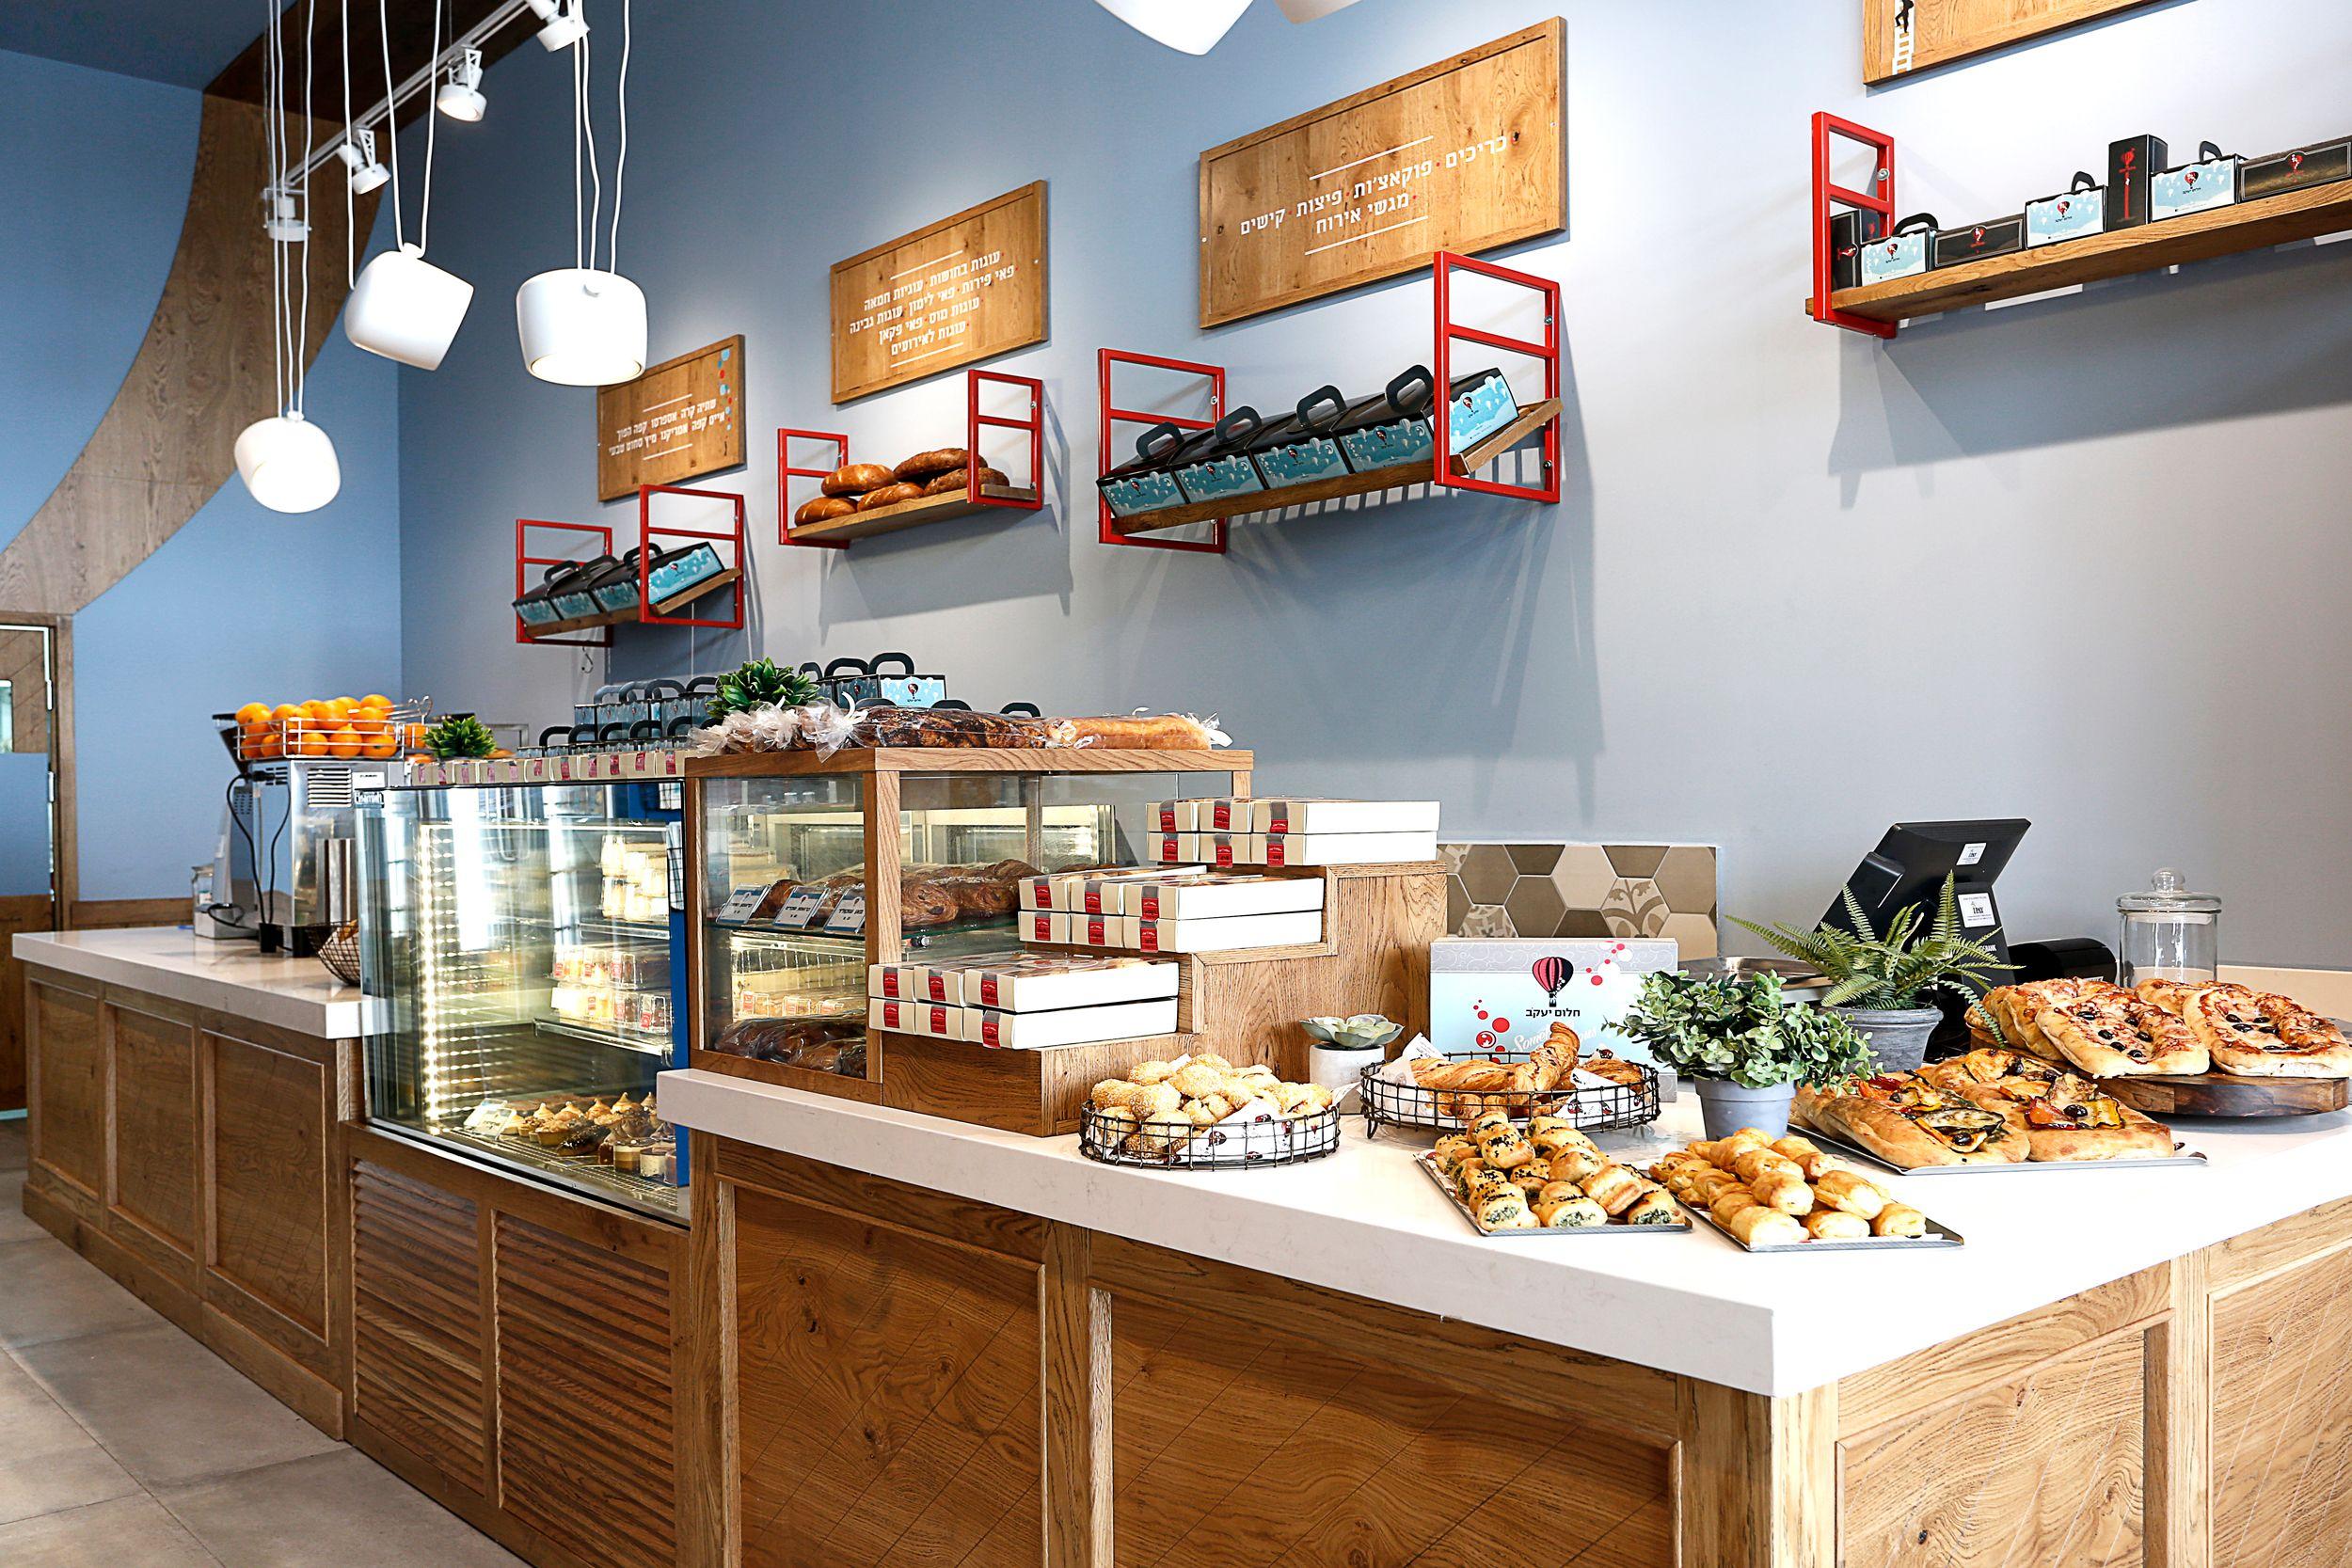 עיצוב מאפייה דנה שקד סטודיו לעיצוב פנים עיצוב בית קפה דלפק עץ סולם כדור פורח Dana Shaked Interior Coffee Shop Design Shop Design Shop Interior Design